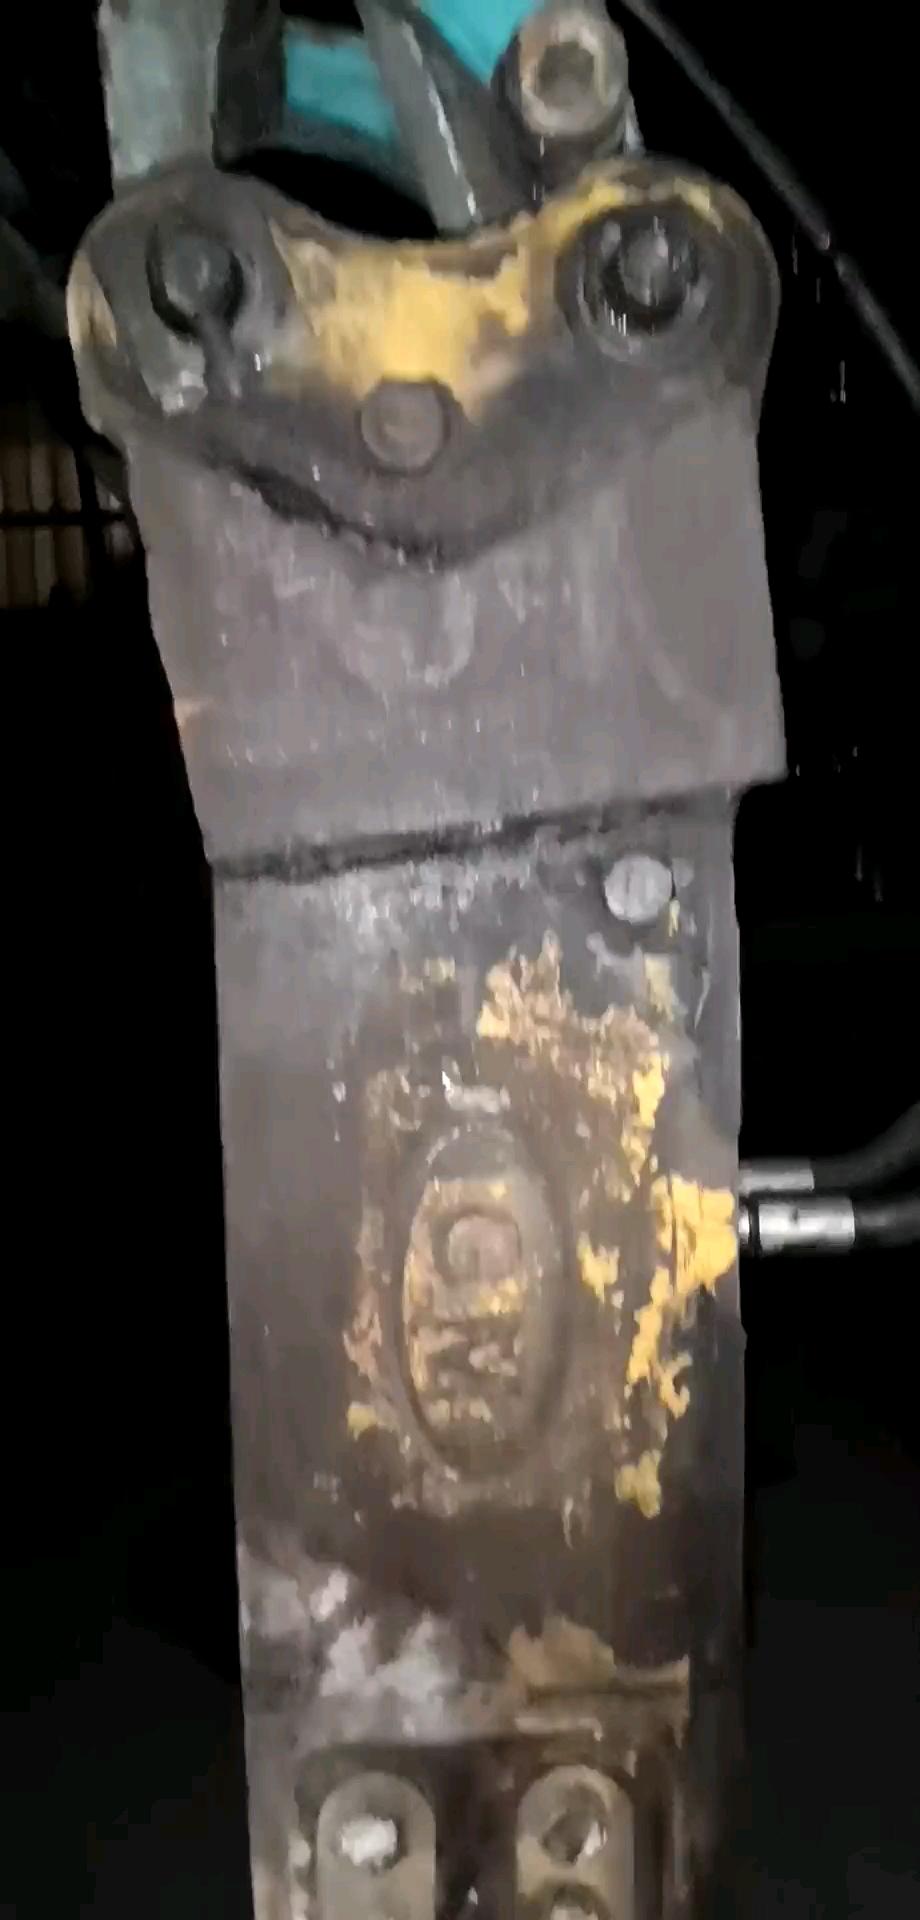 久保田15 带的破碎锤 请问这个是什么破碎锤